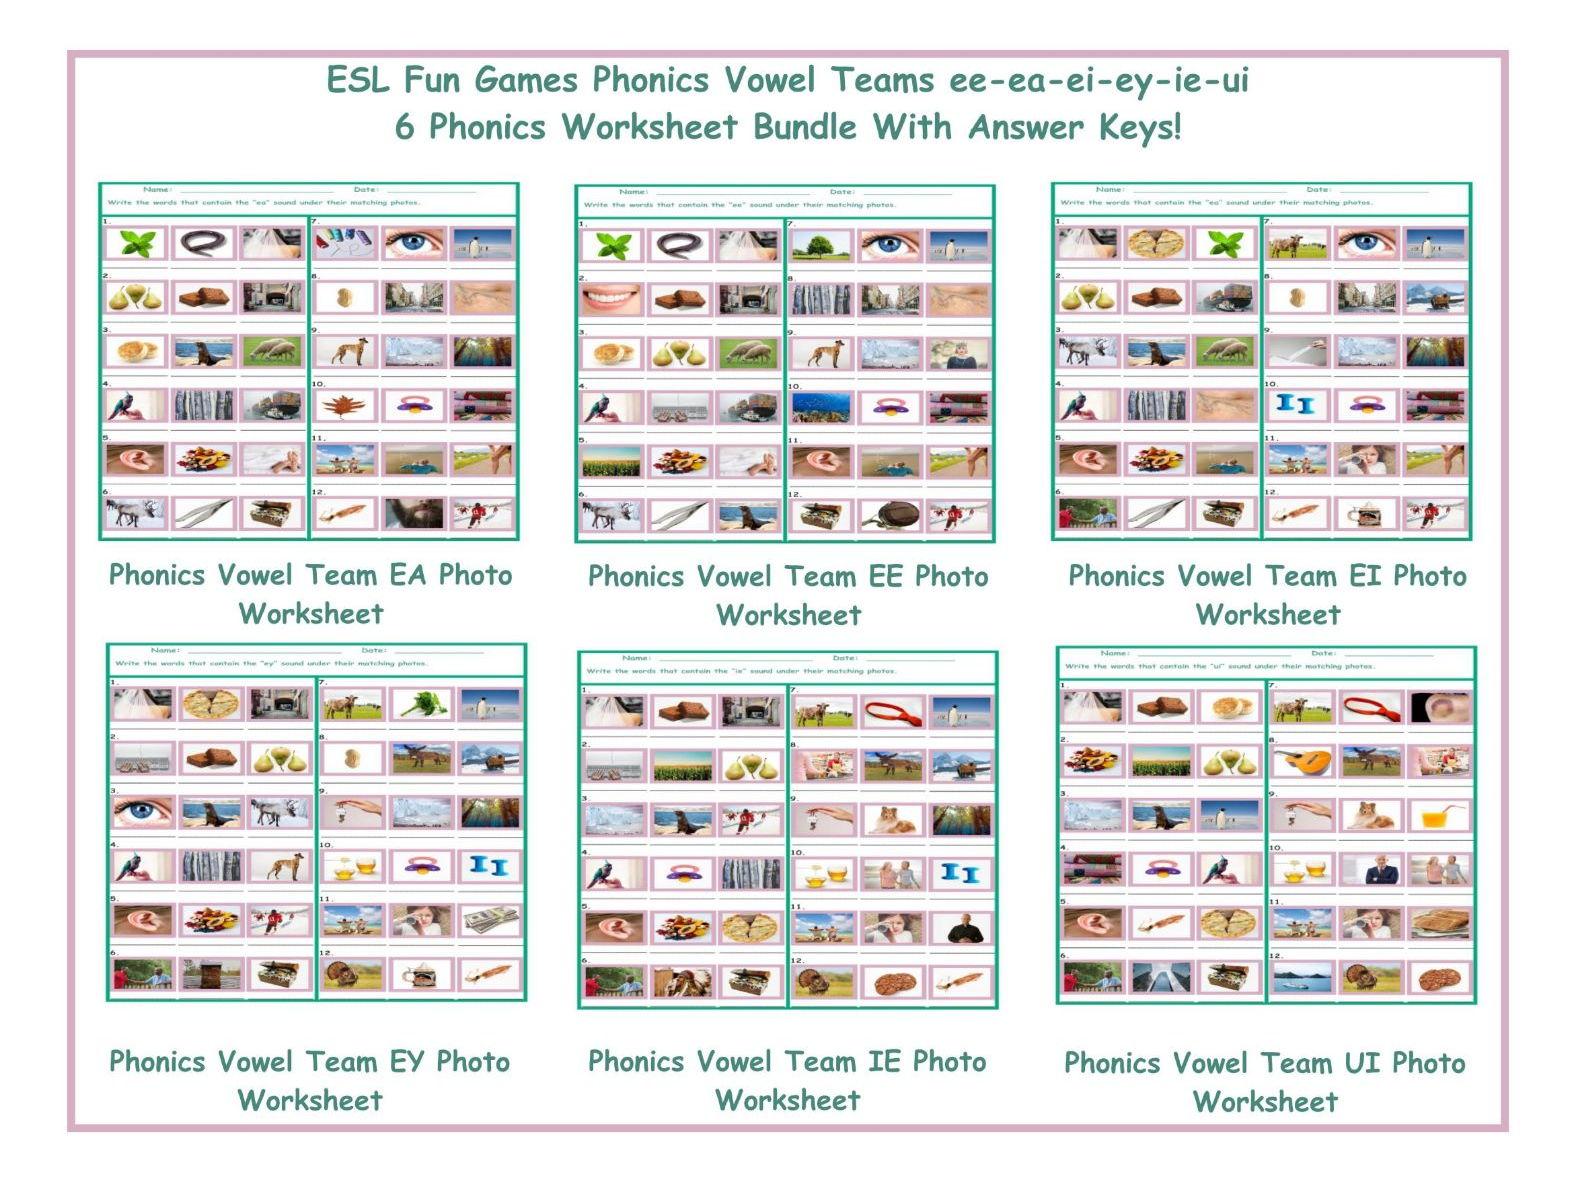 Phonics Vowel Teams Ee Worksheets Samples